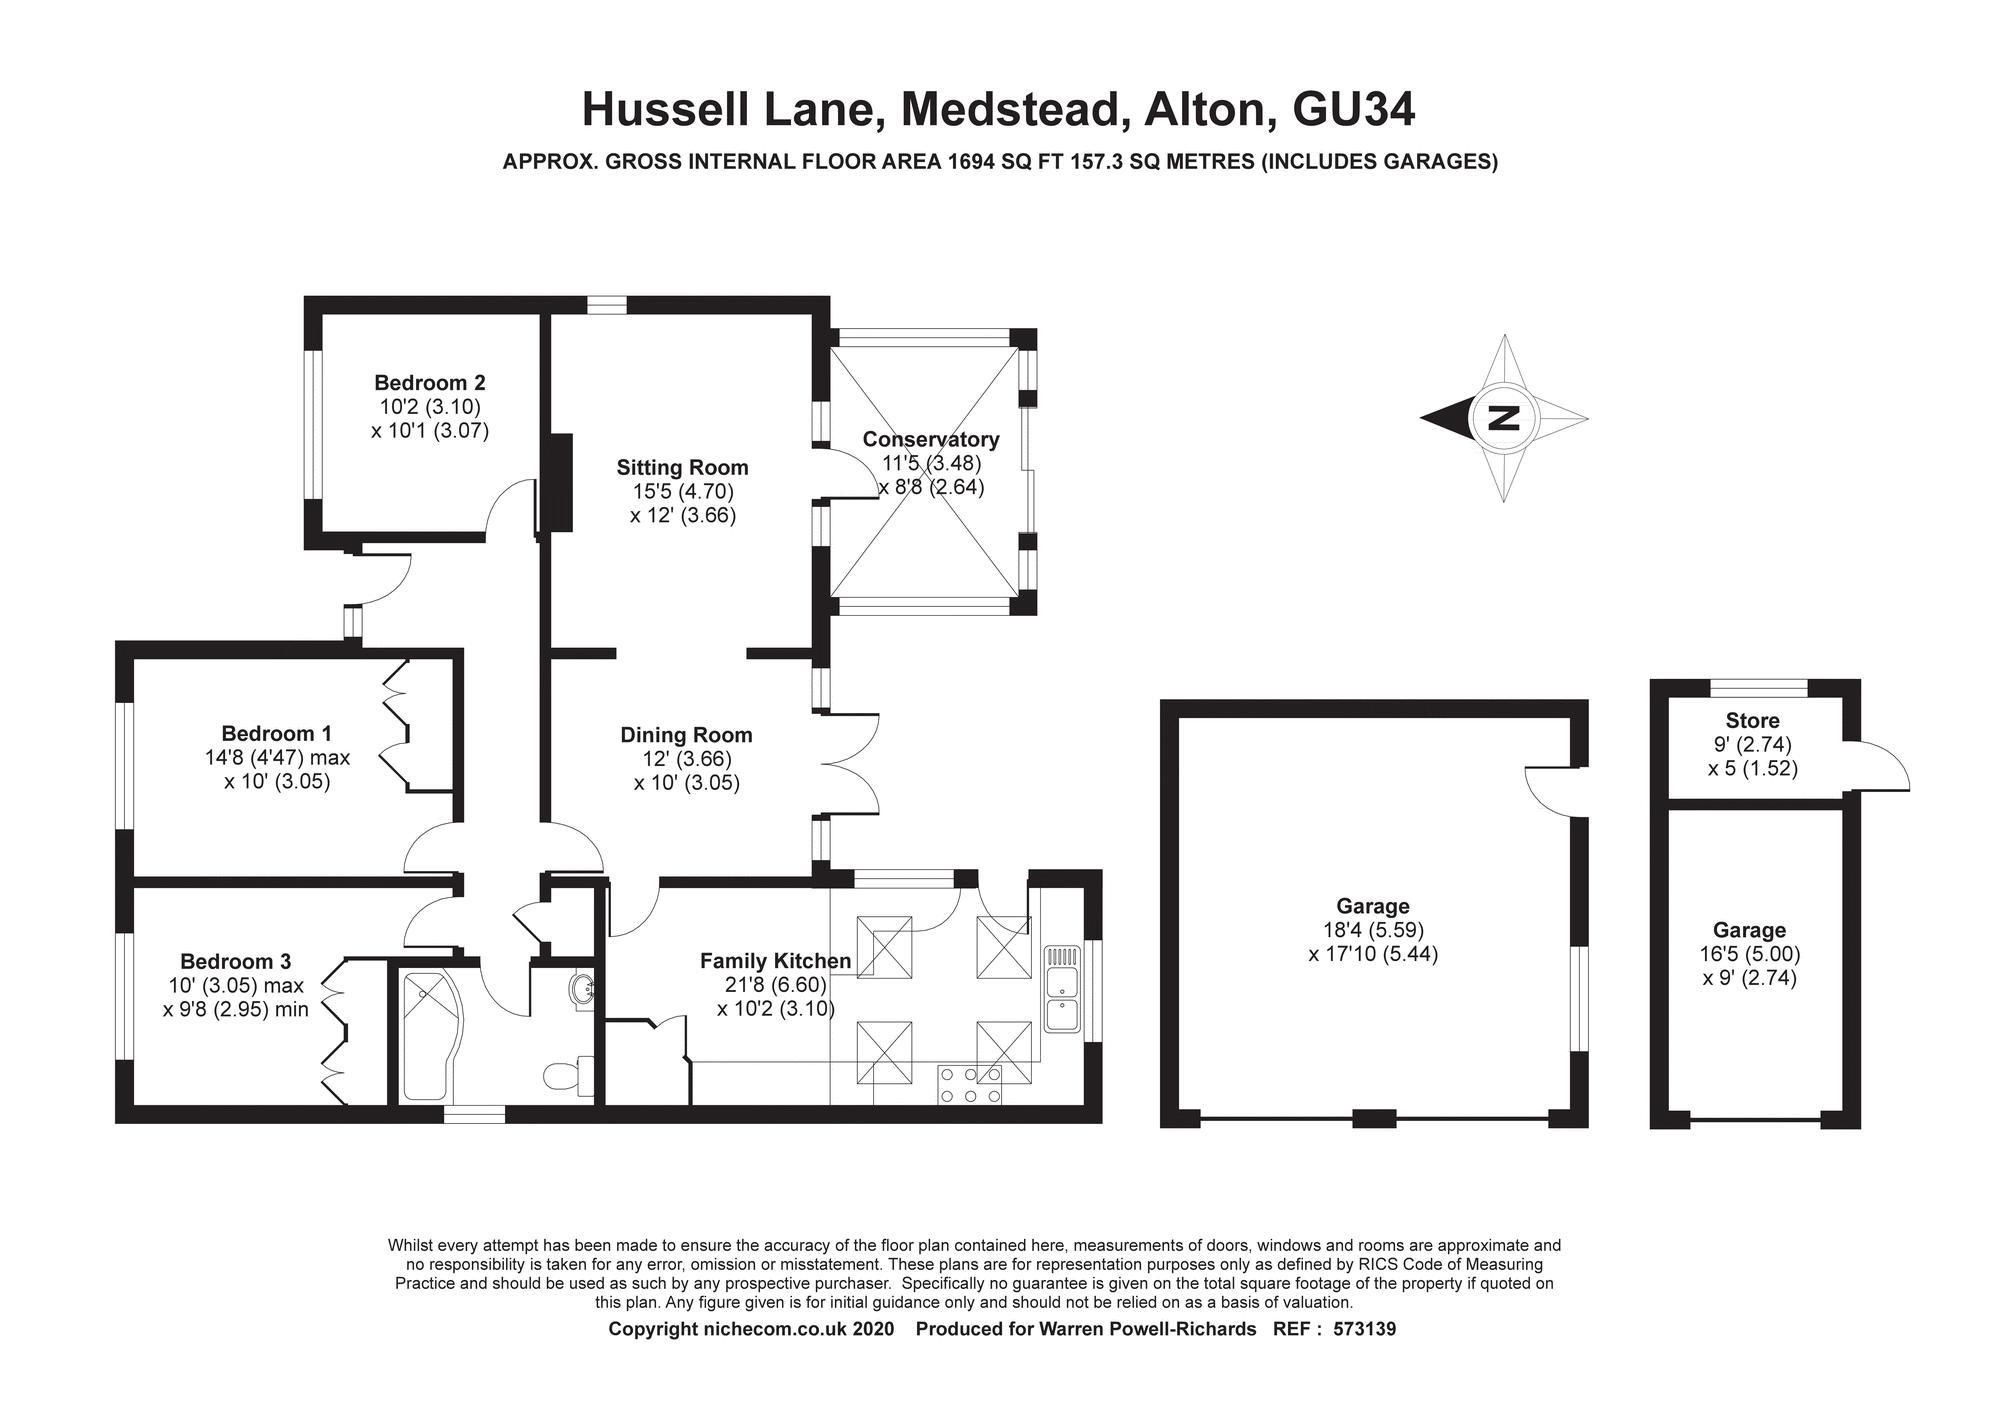 Hussell Lane Medstead